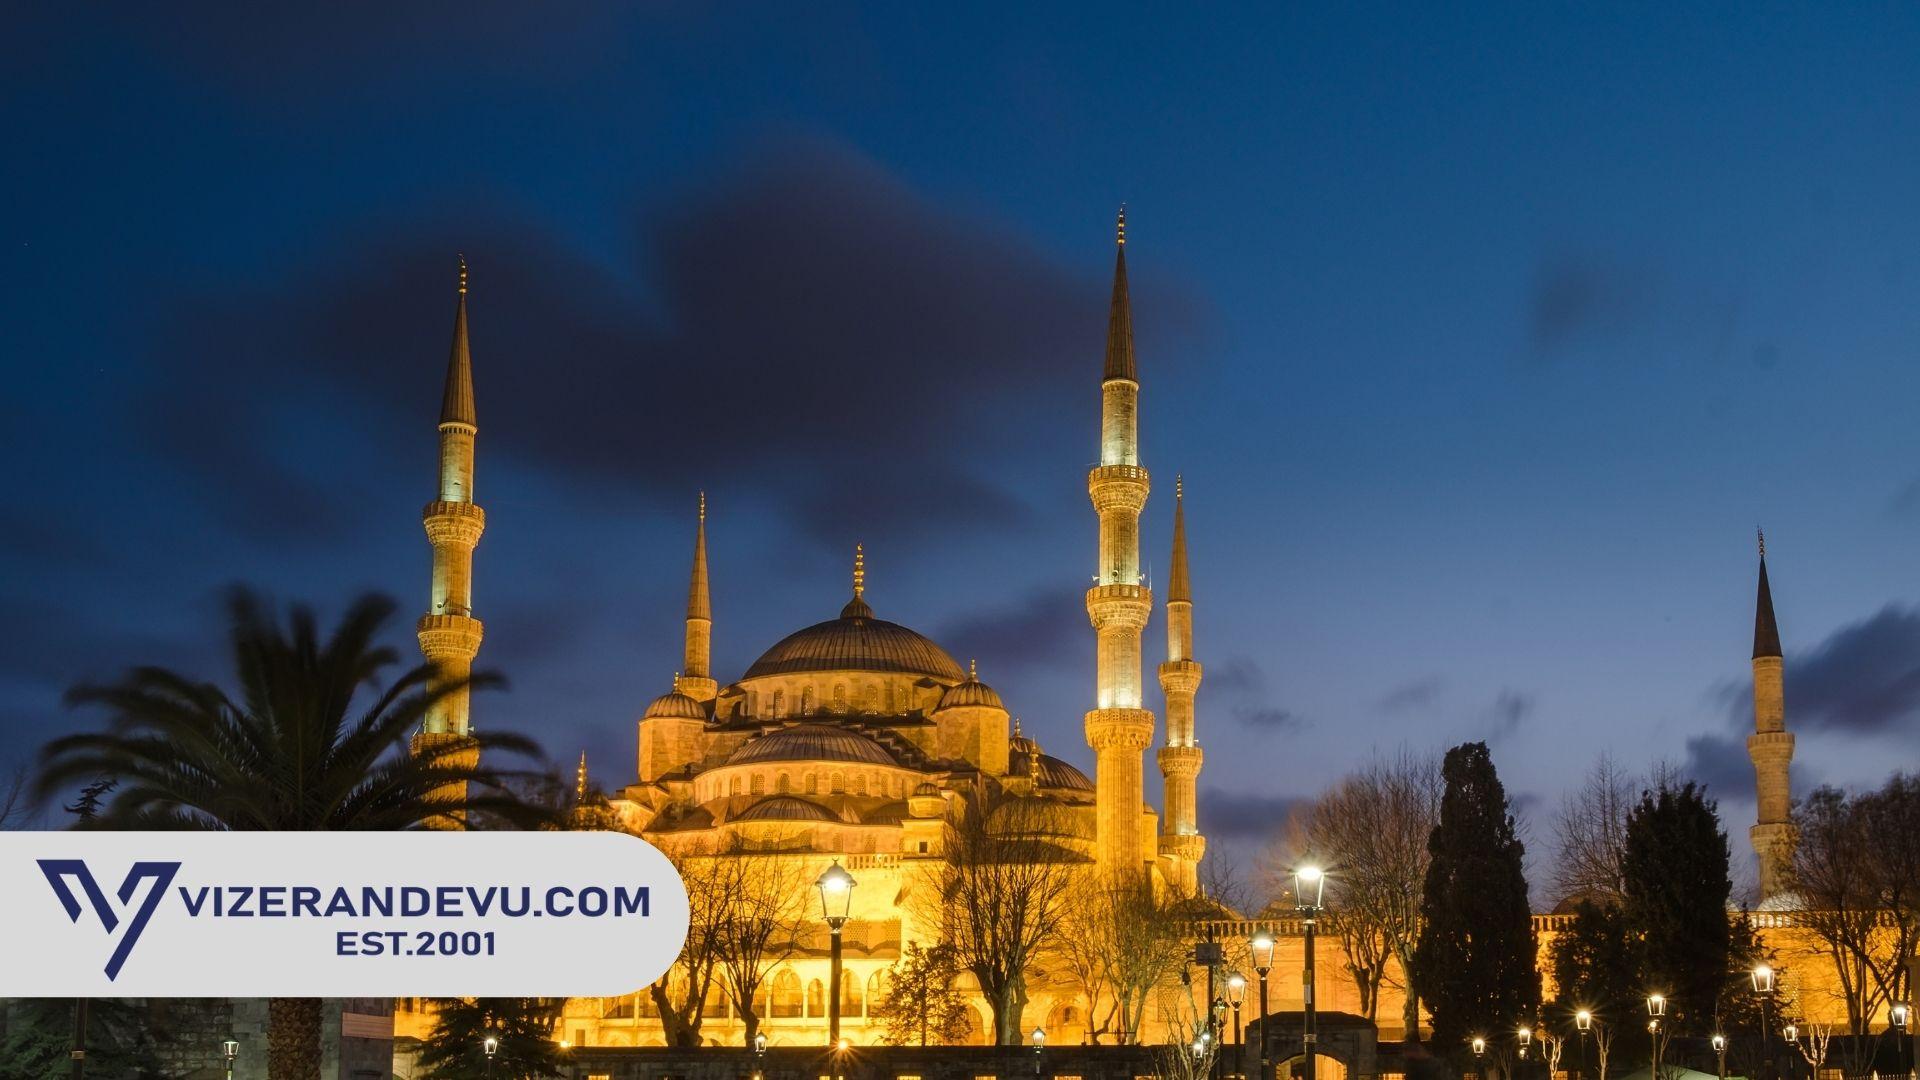 Türkiye Vizesi Şartları